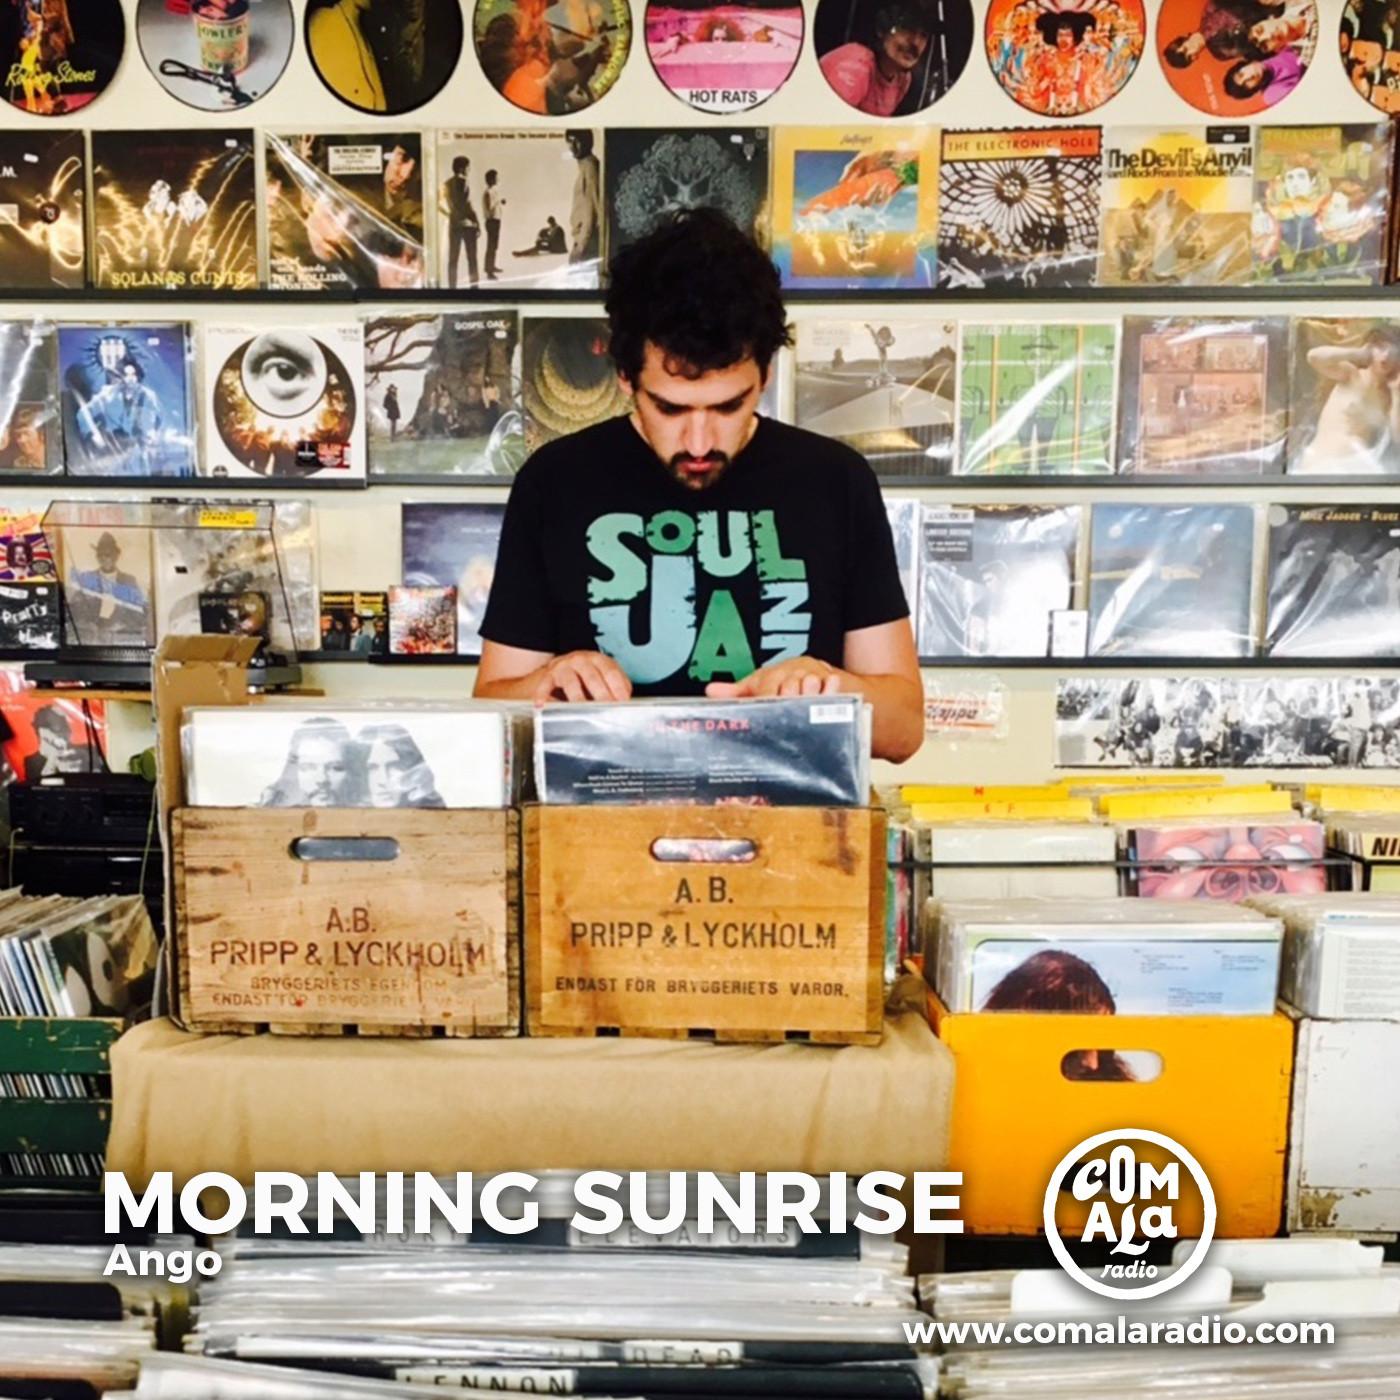 Ango - Morning Sunrise